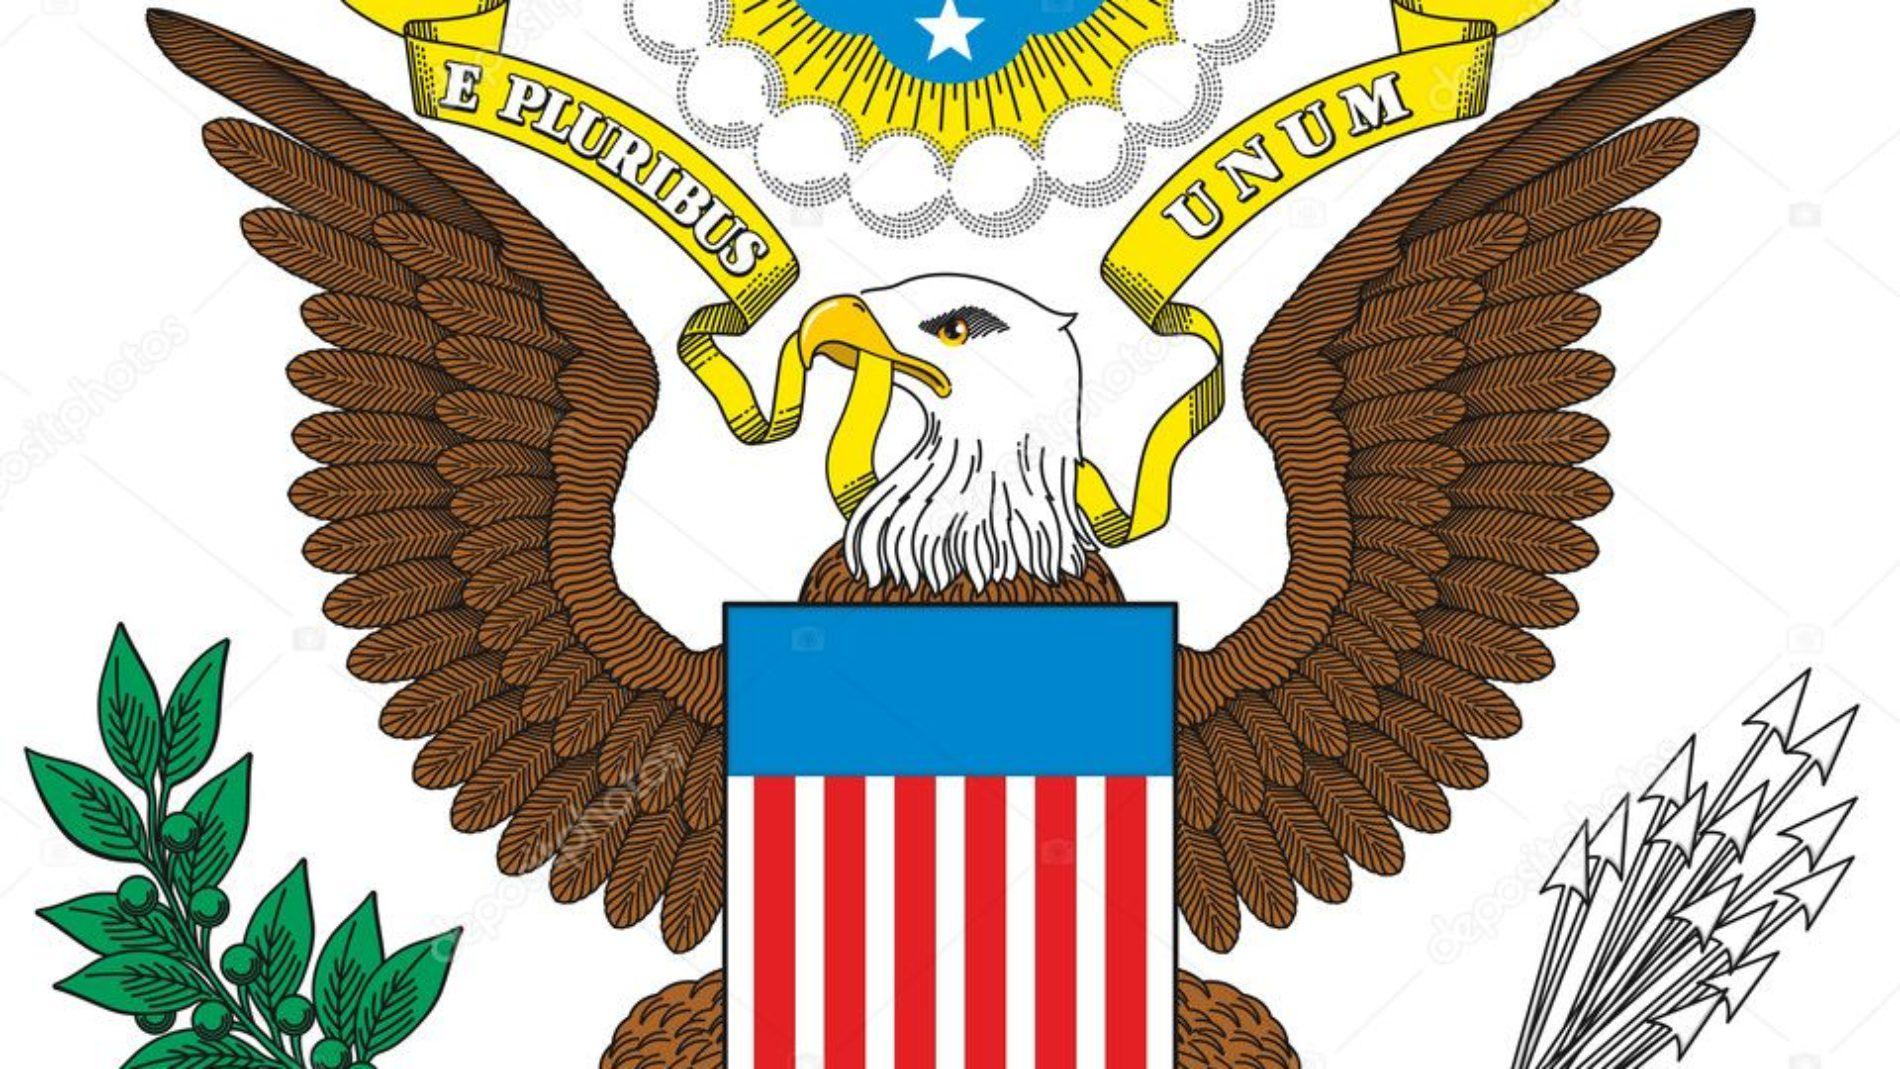 Les États-Unis souhaitent renouveler leurs relations avec le Burundi